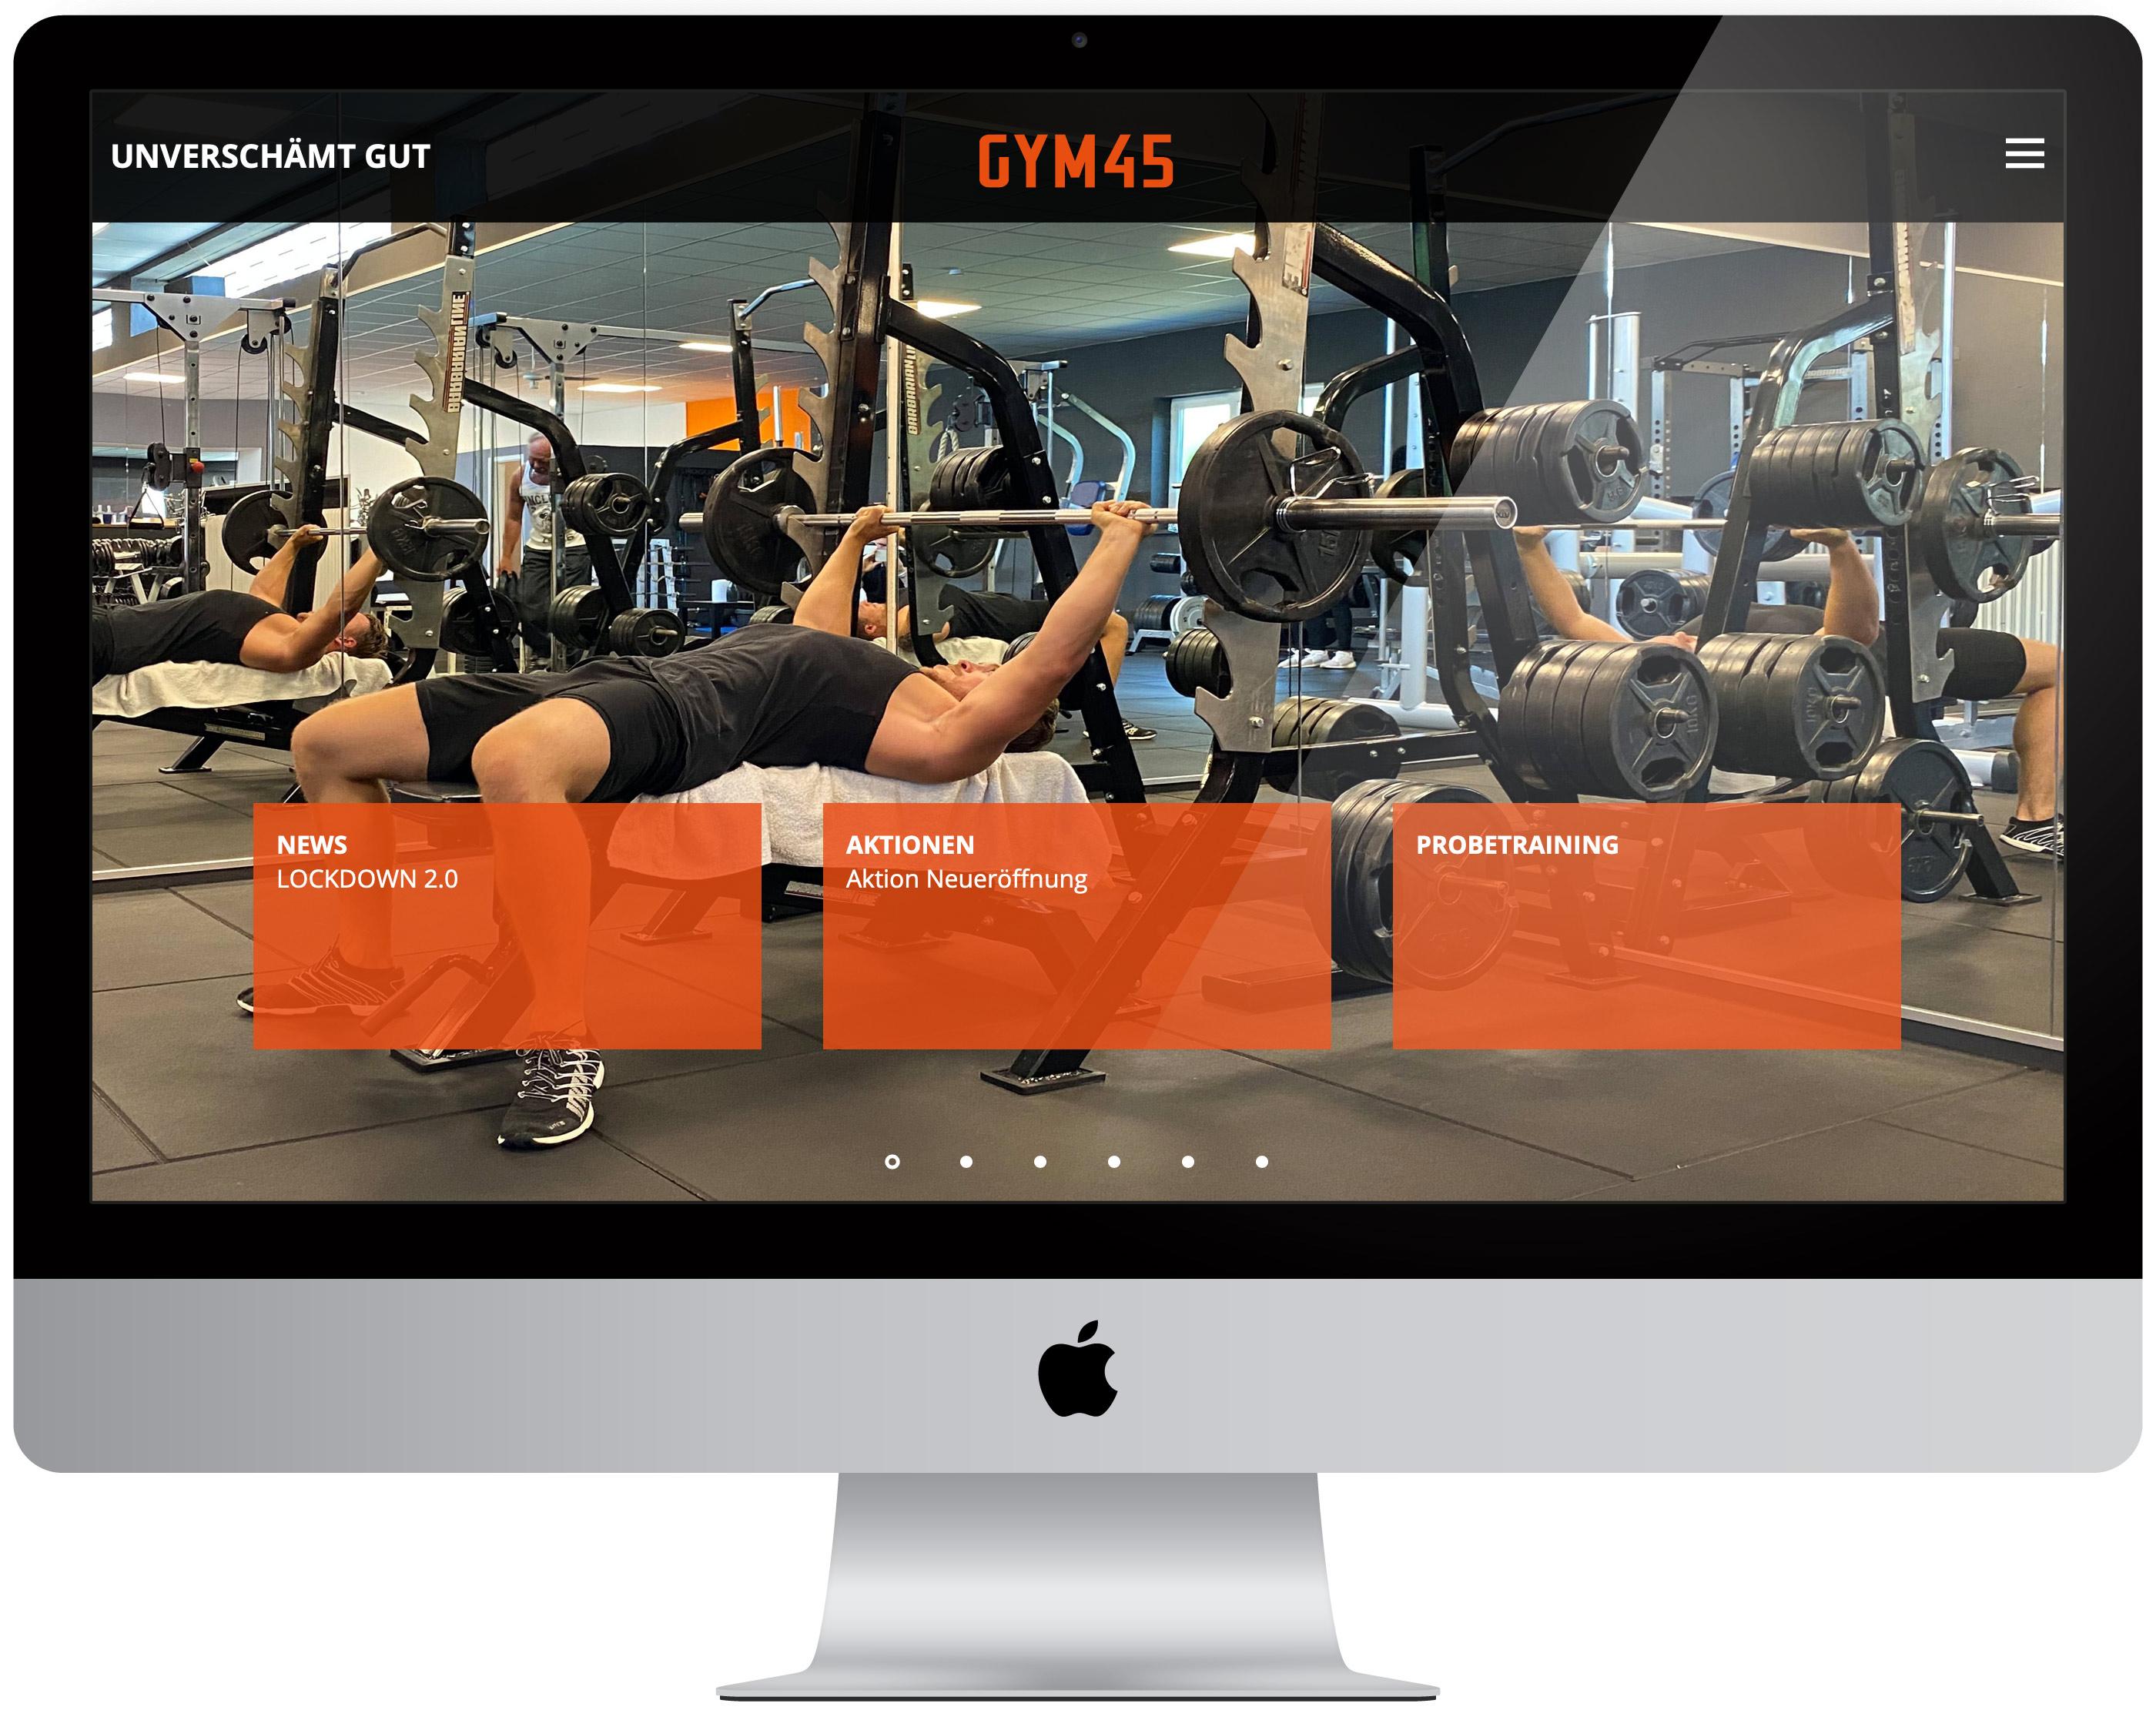 gym5.jpg